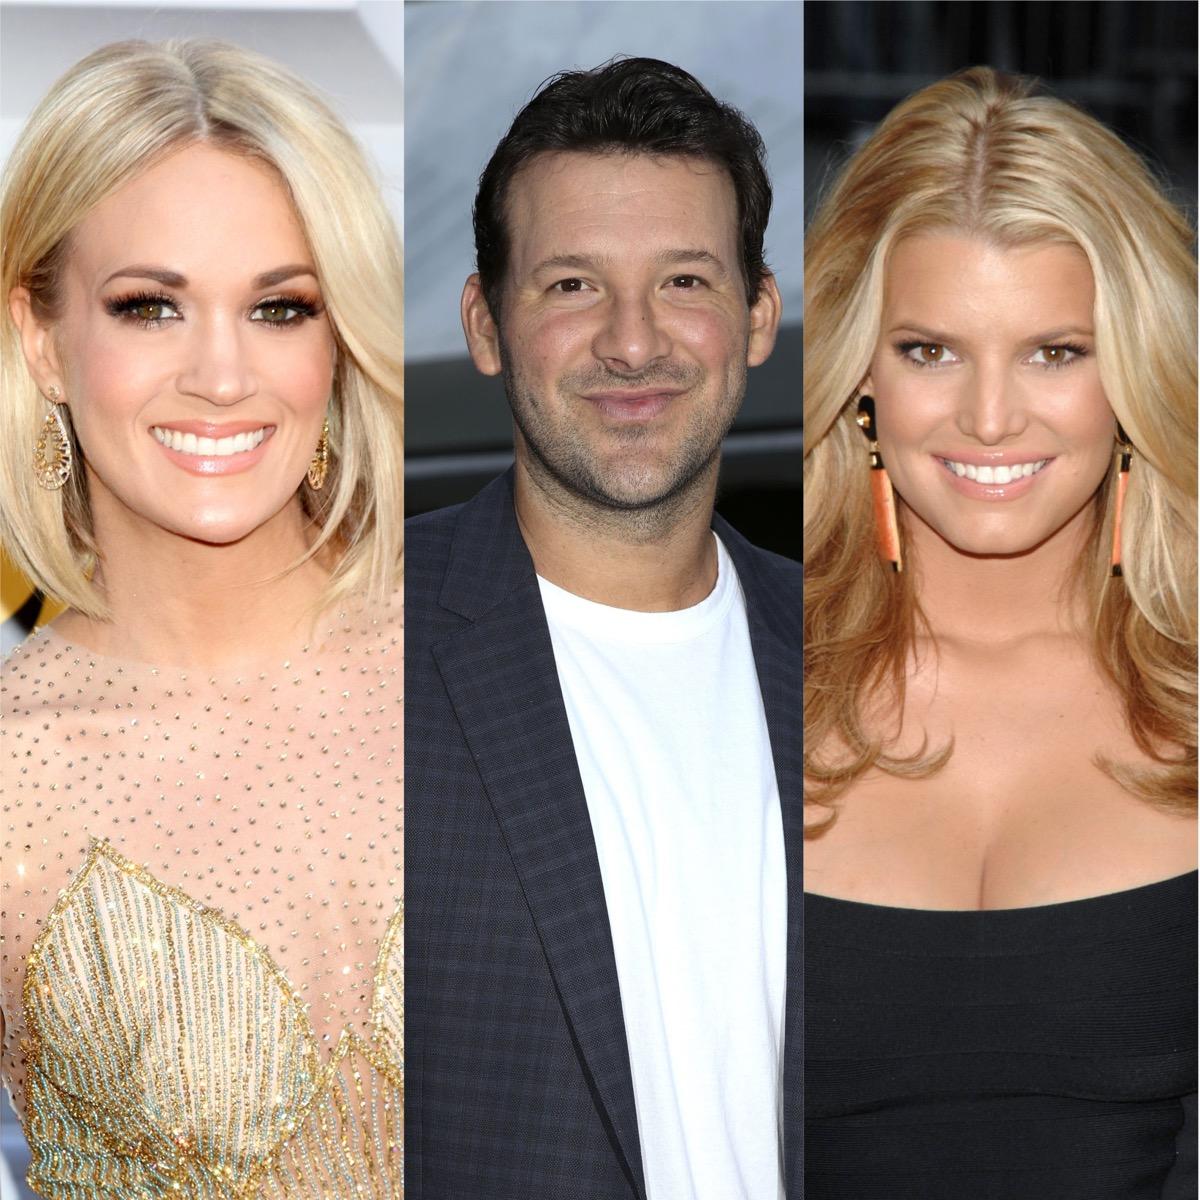 Carrie Underwood, Tony Romo, and Jessica Simpson